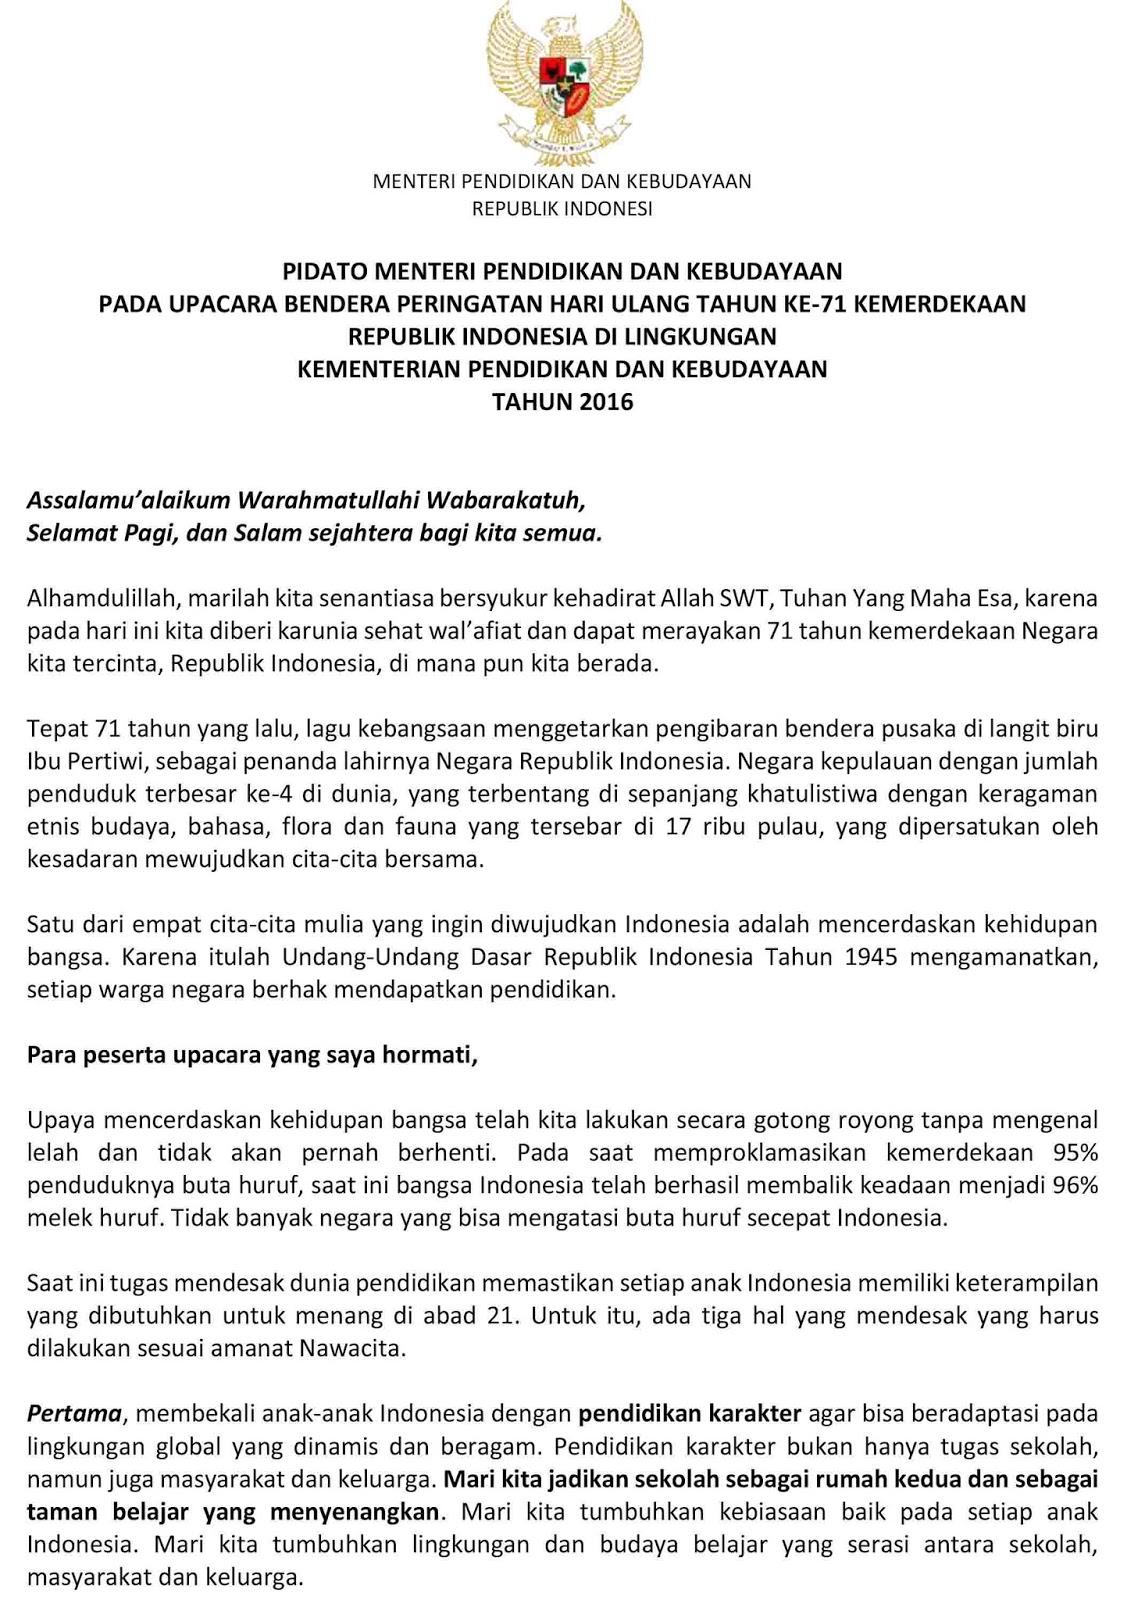 Muara Tebo Disdikbudpora Berikut Pidato Menteri Pendidikan Dan Kebudayaan Pada Upacara Bendera Peringatan Hari Ulang Tahun Ke  Kemerdekaan Republik